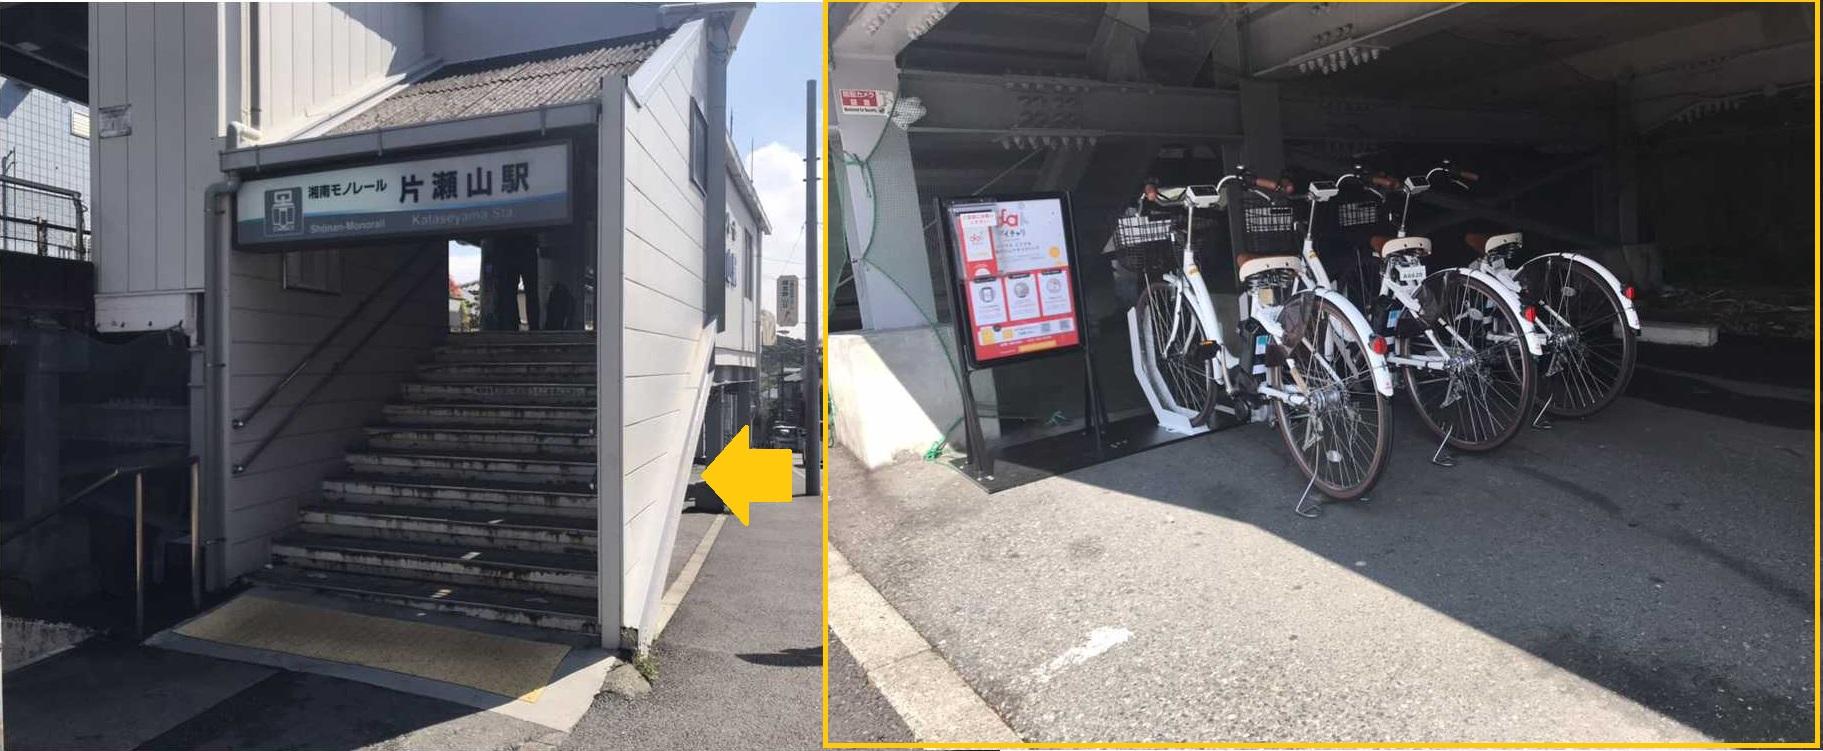 湘南モノレール 片瀬山駅 (HELLO CYCLING ポート) image